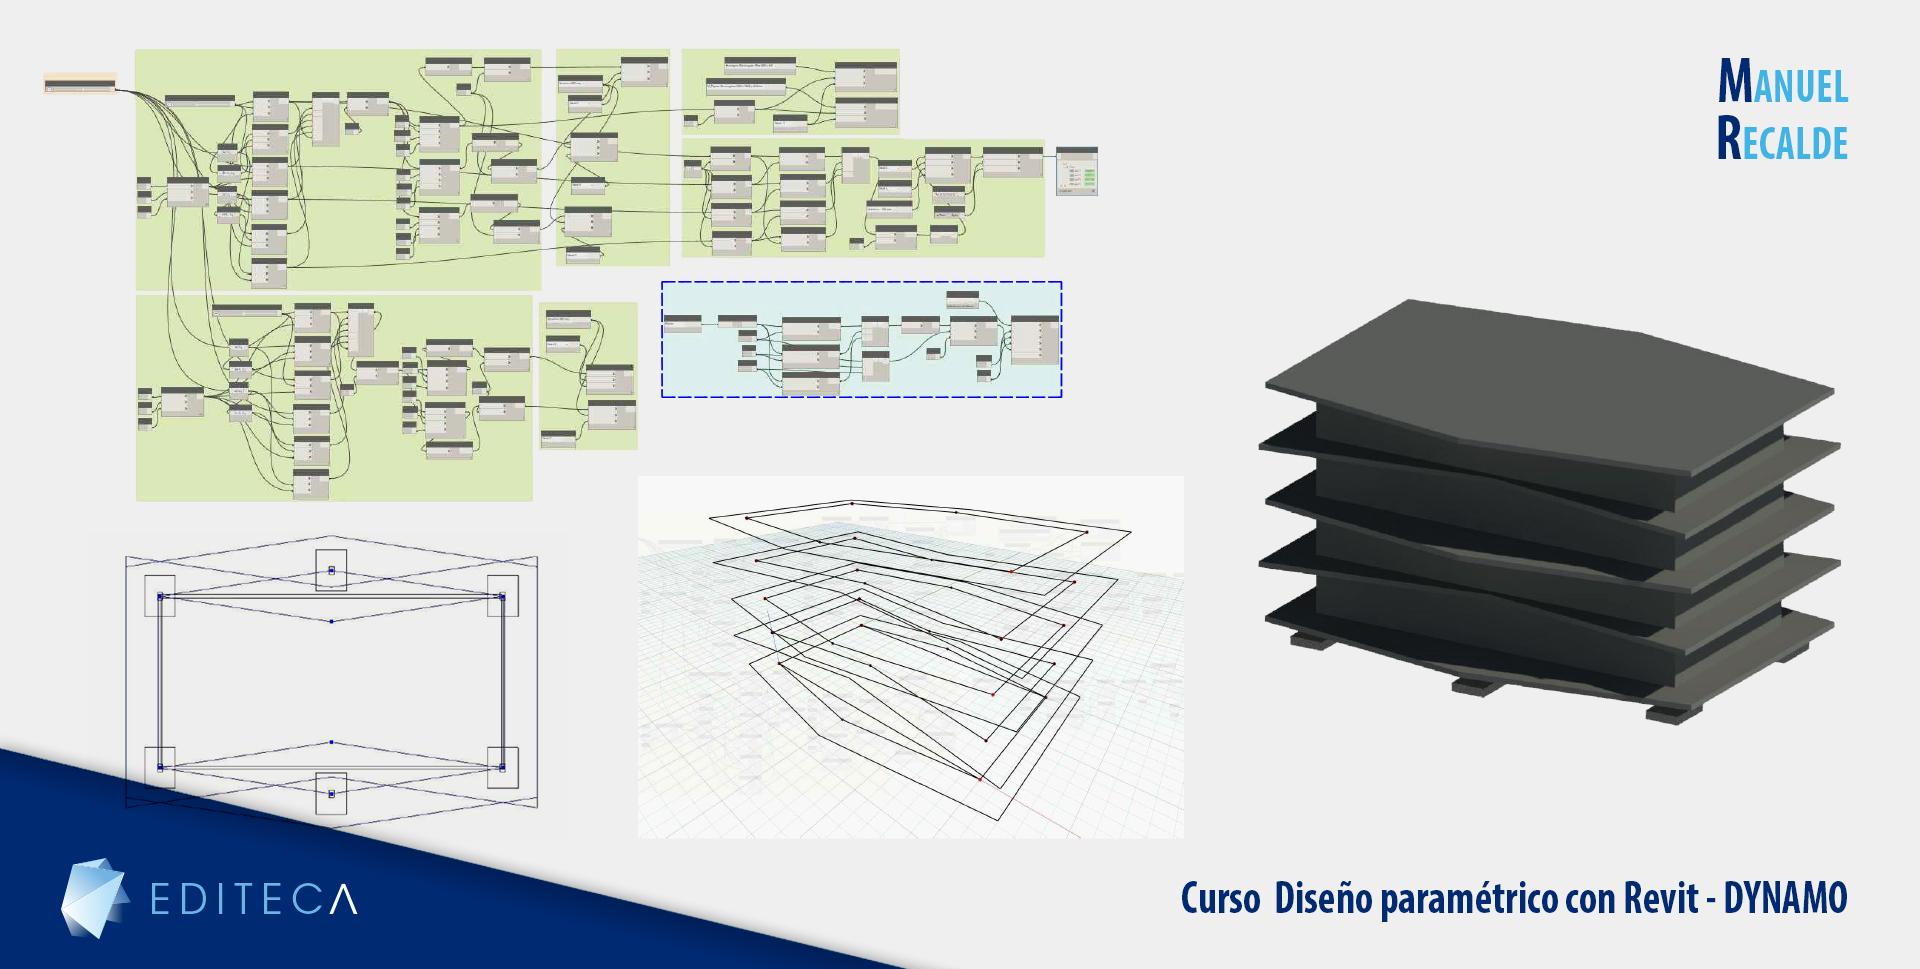 proyectos-dynamo-MANUEL-RECALDE